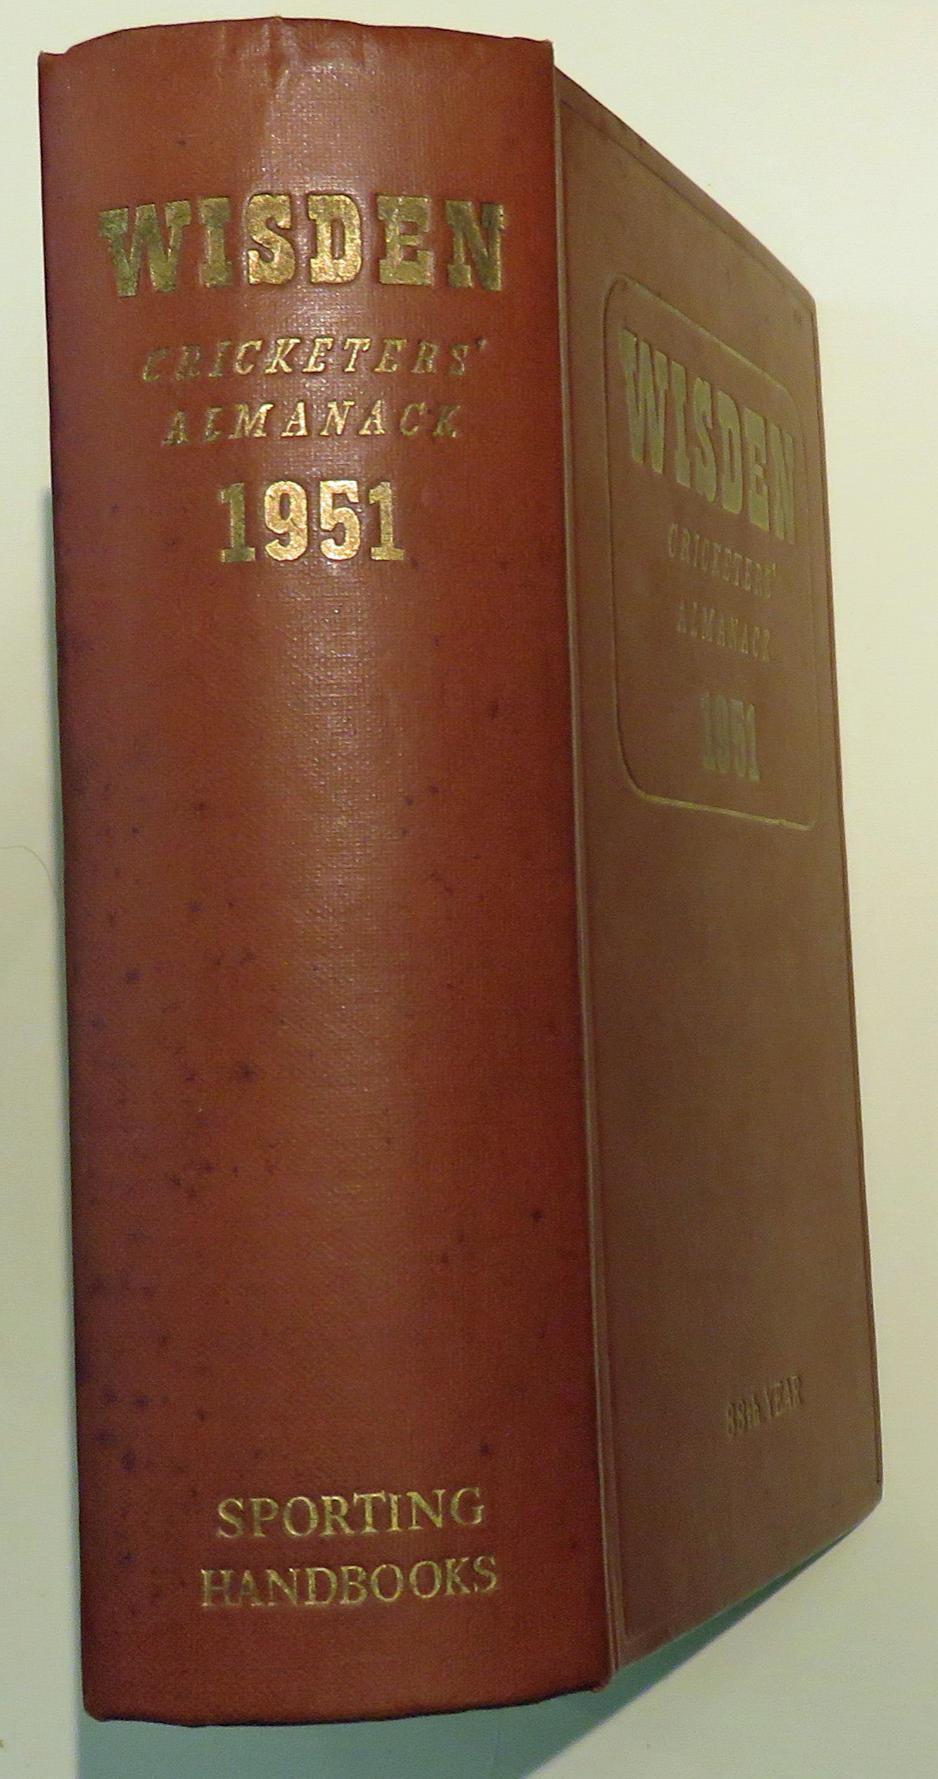 Wisden Cricketers' Almanack 1951